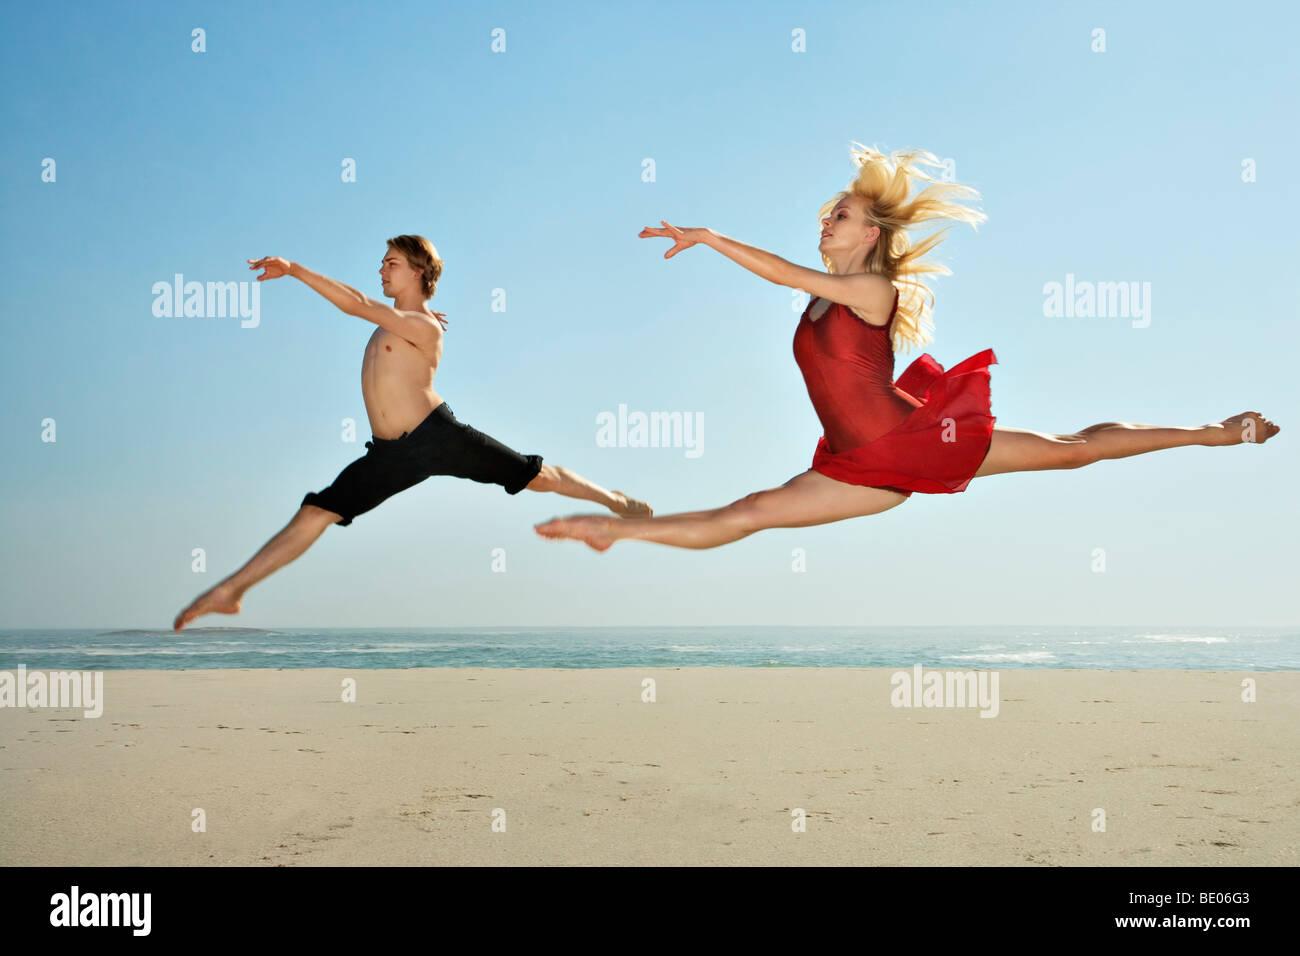 Tänzer an einem Strand springen Stockfoto